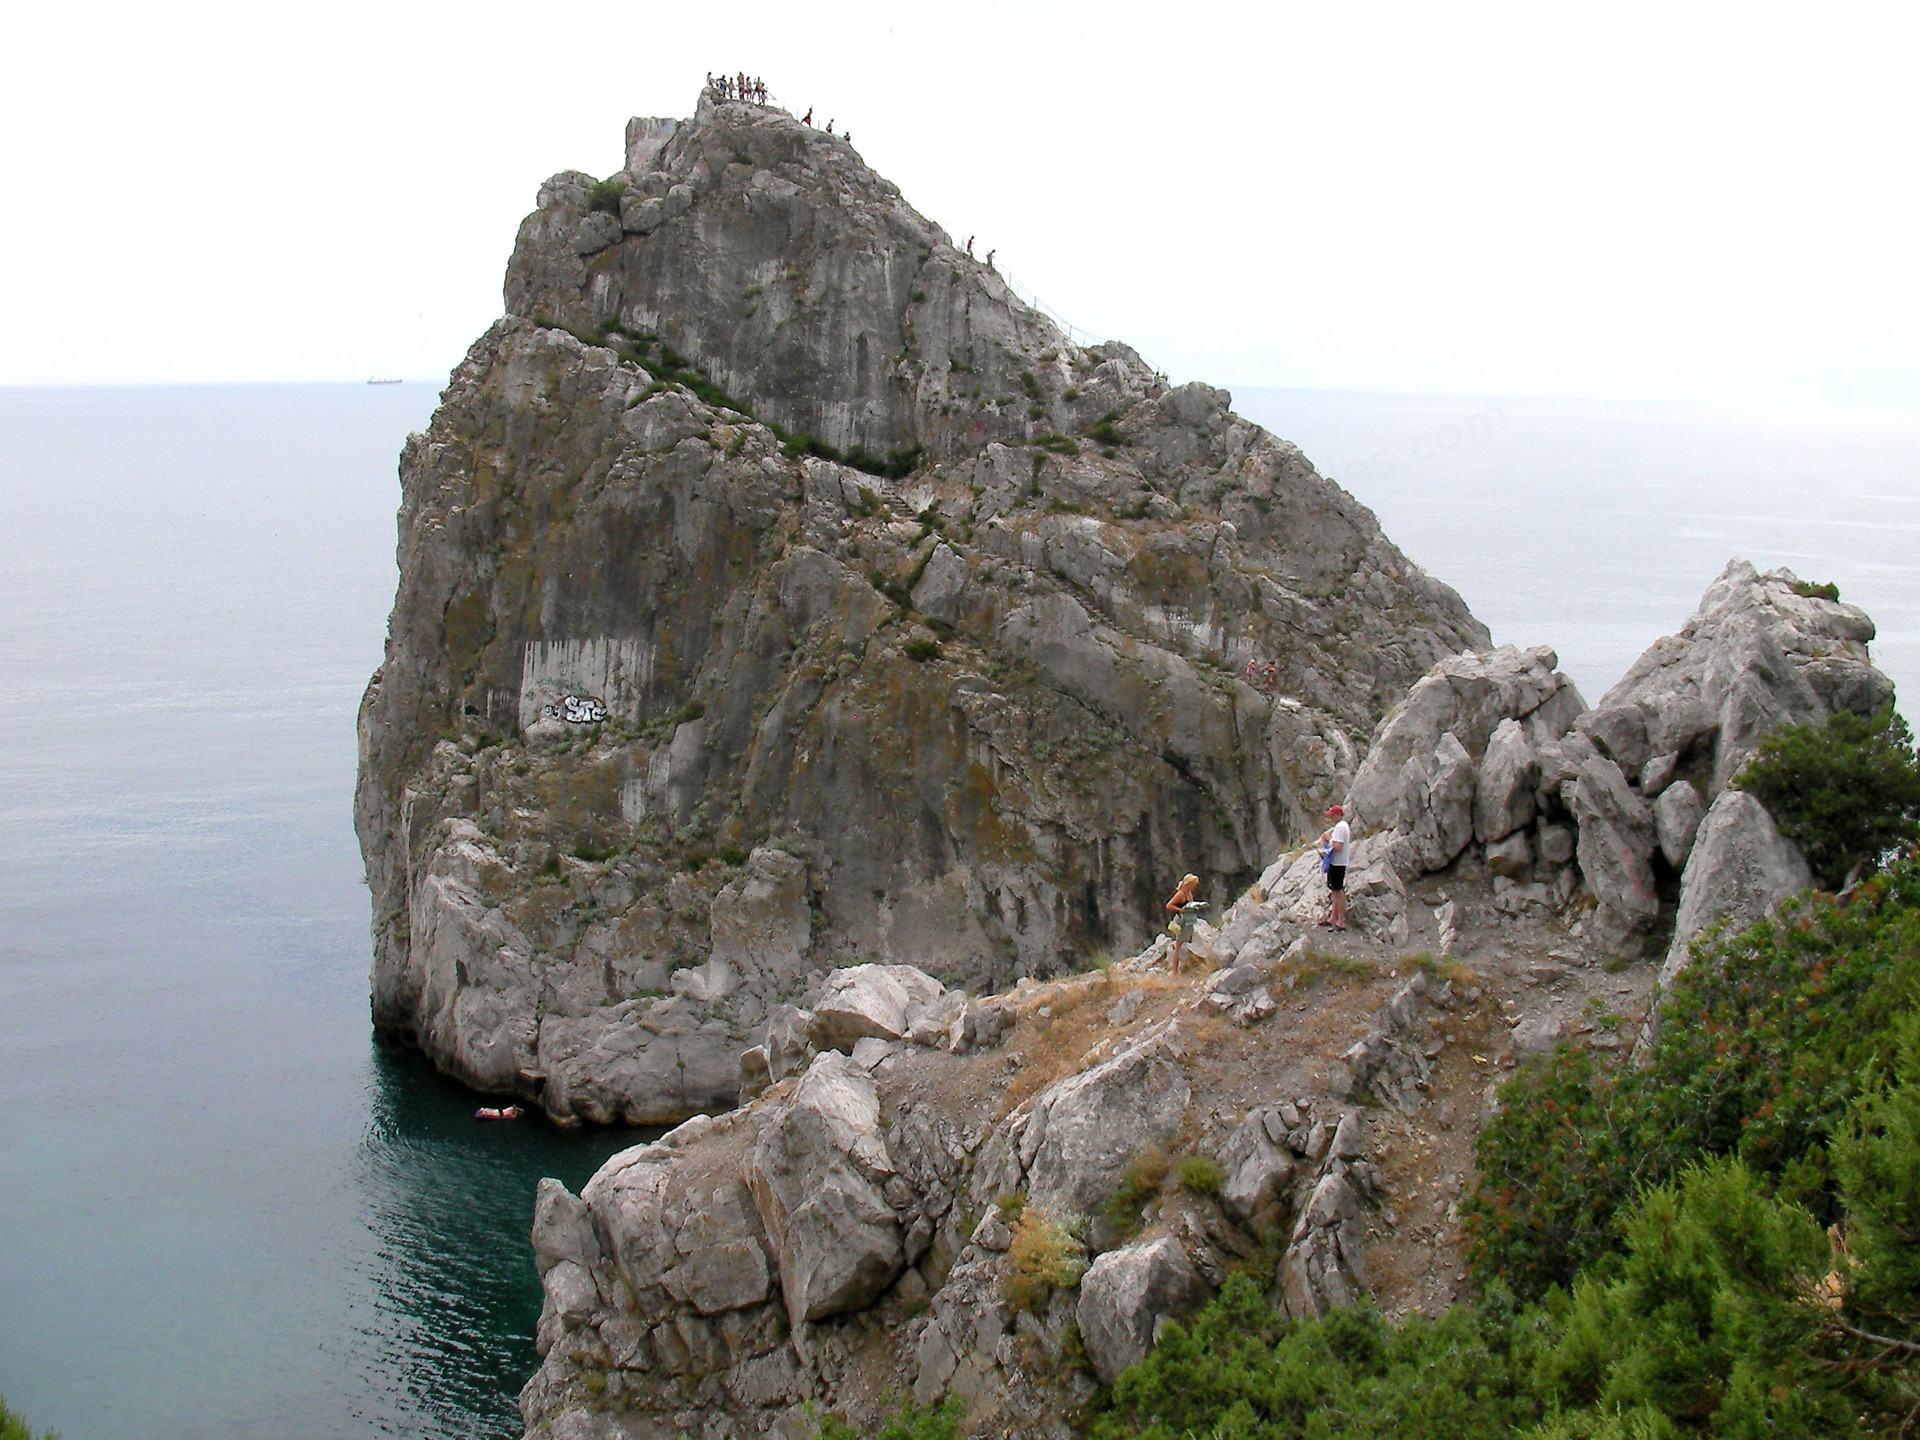 Οι τουρίστες ανεβείτε στο βράχο «Diva» στο Simeiz στην Κριμαία